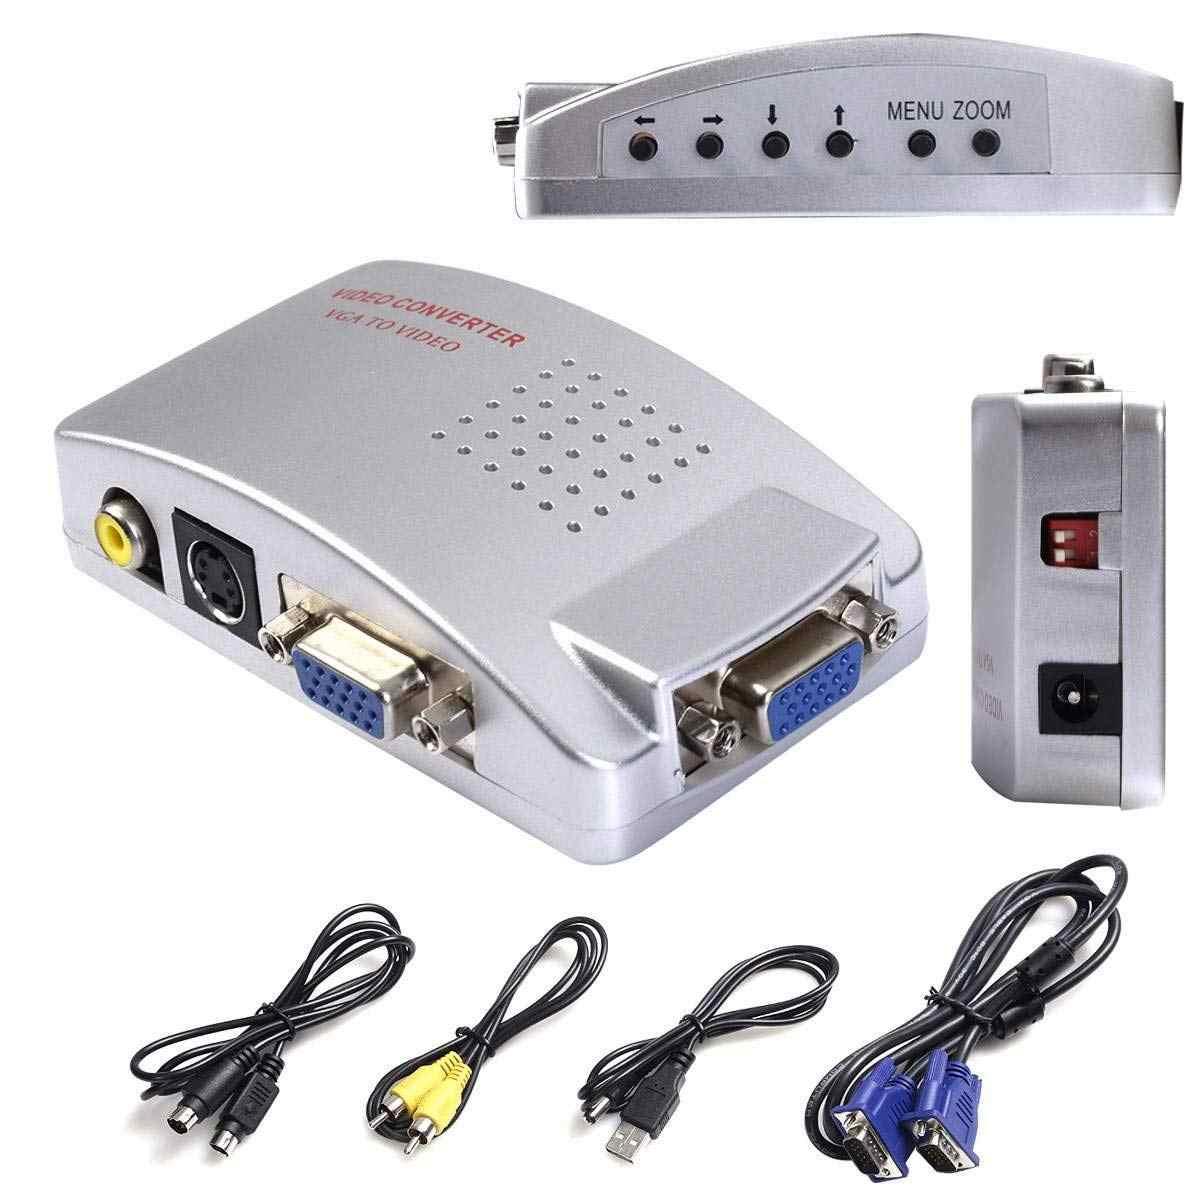 VGA إلى AV TV RCA مركب محول محول S-صندوق فيديو لأجهزة الكمبيوتر المحمول ويندوز ماك (الكمبيوتر إلى التلفزيون)